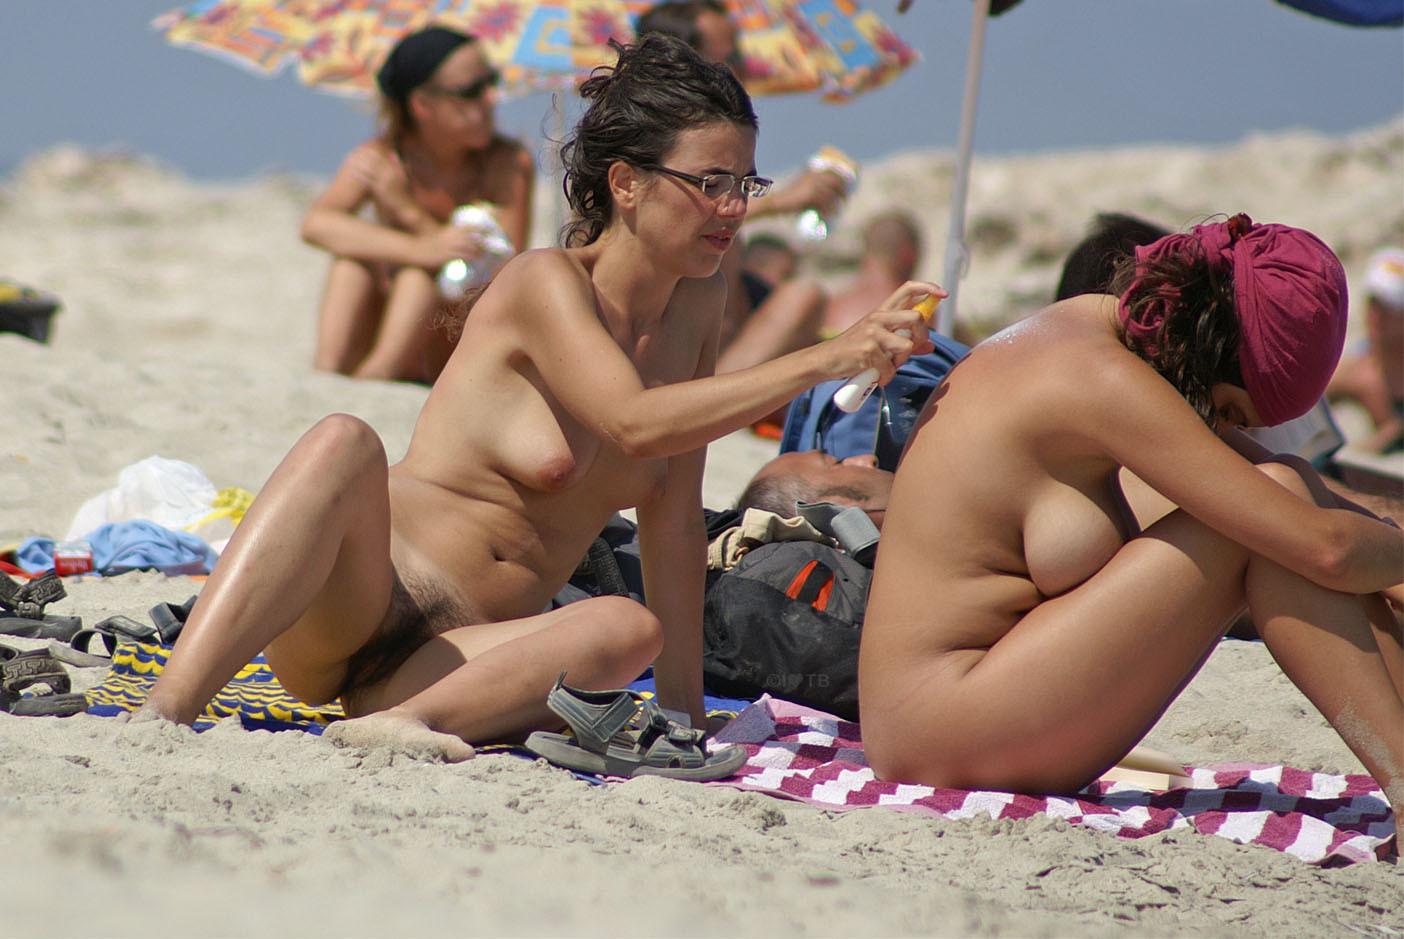 FKK-Strand - Nudisten - FKK-Publikum